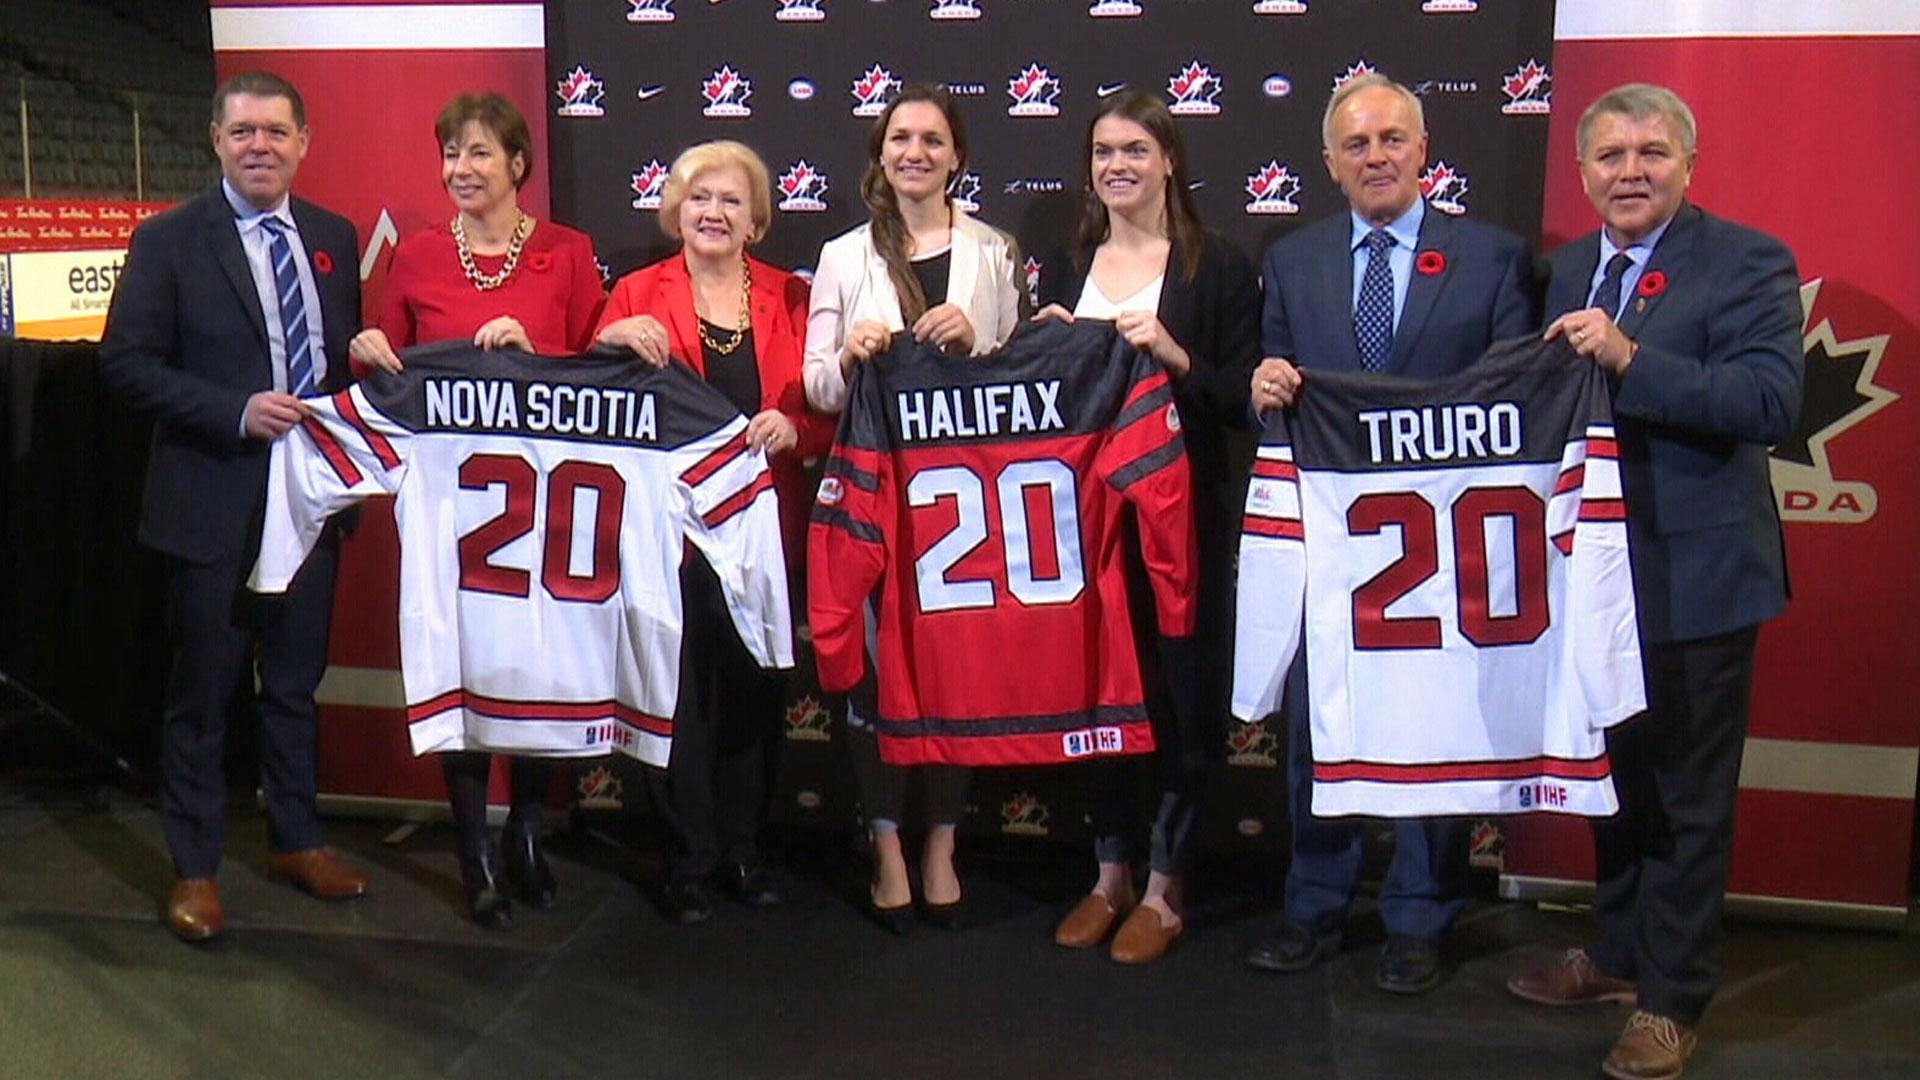 Halifax, Truro To Host 2020 Women's Worlds